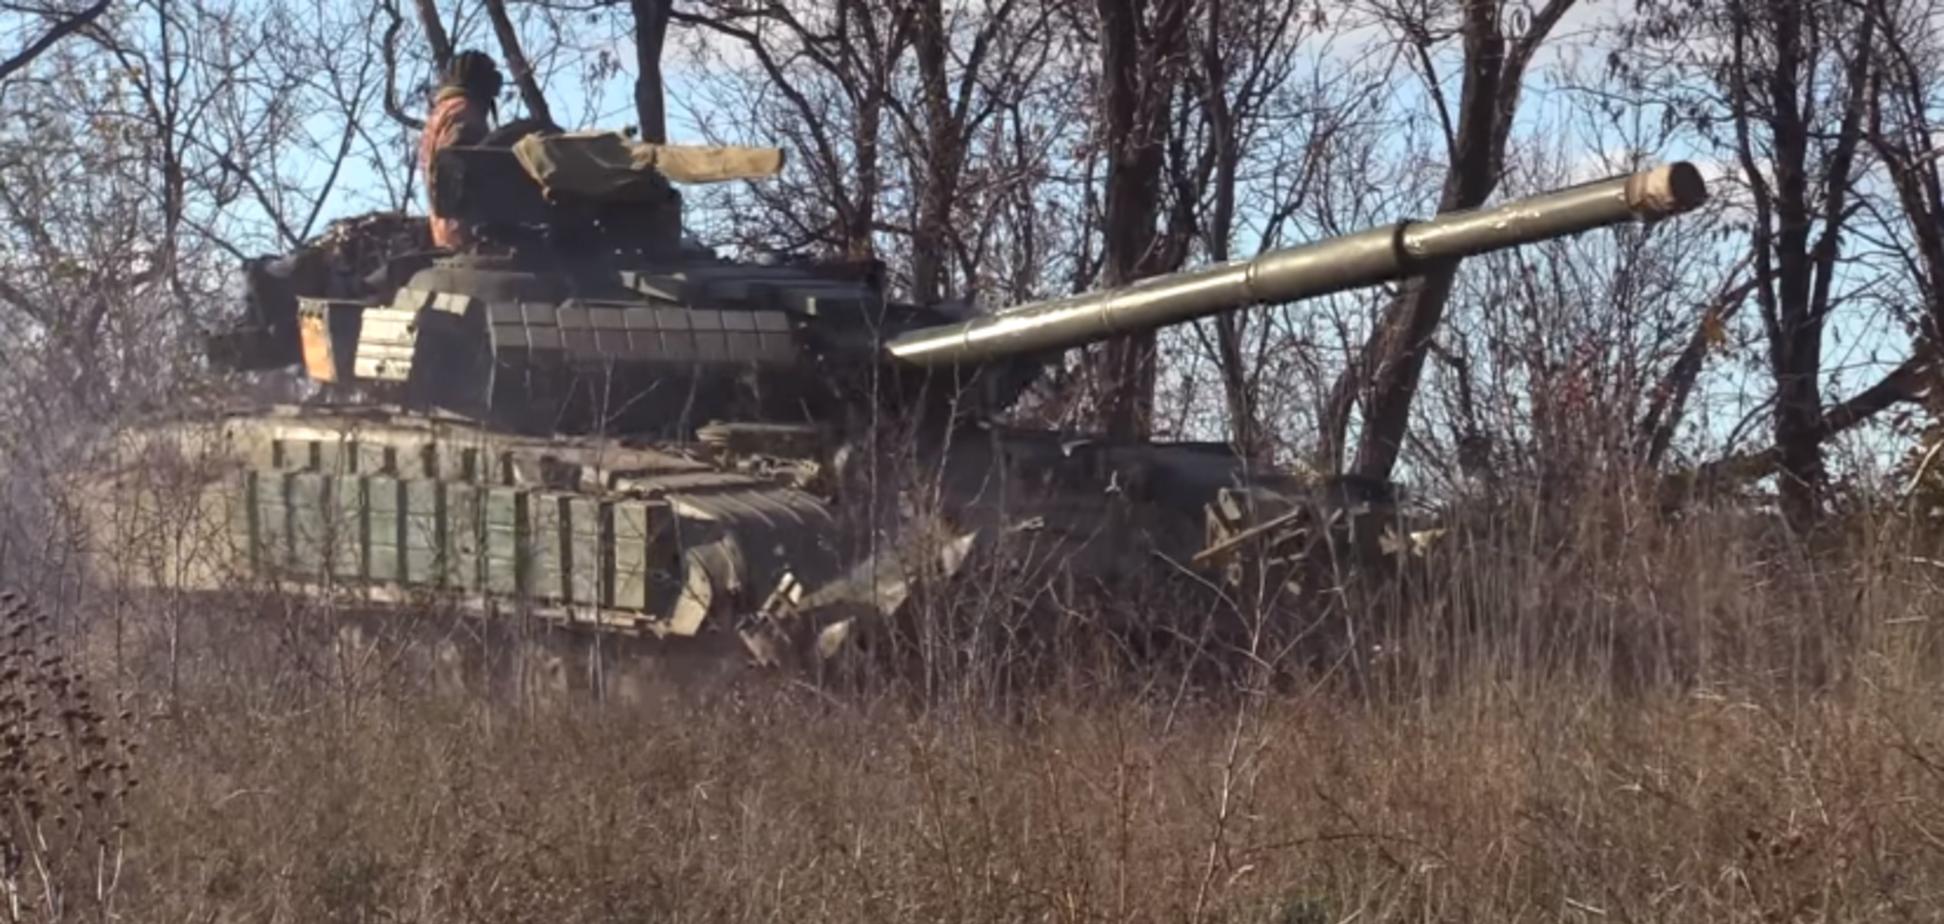 Бойцы ООС провели танковые учения под носом у террористов: мощное видео